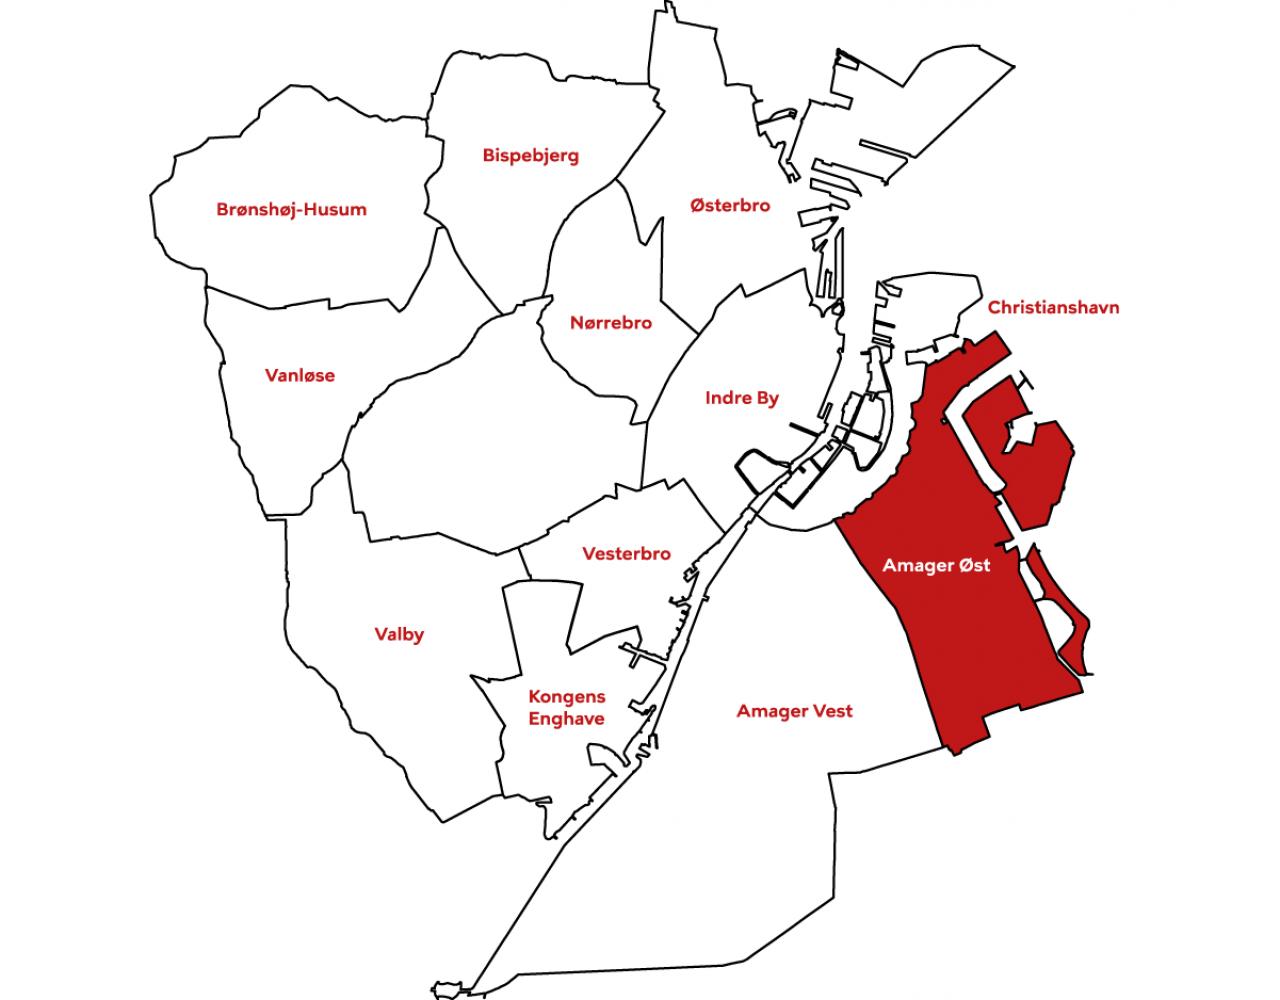 Bydelskort amager øst kommuneplan 2019